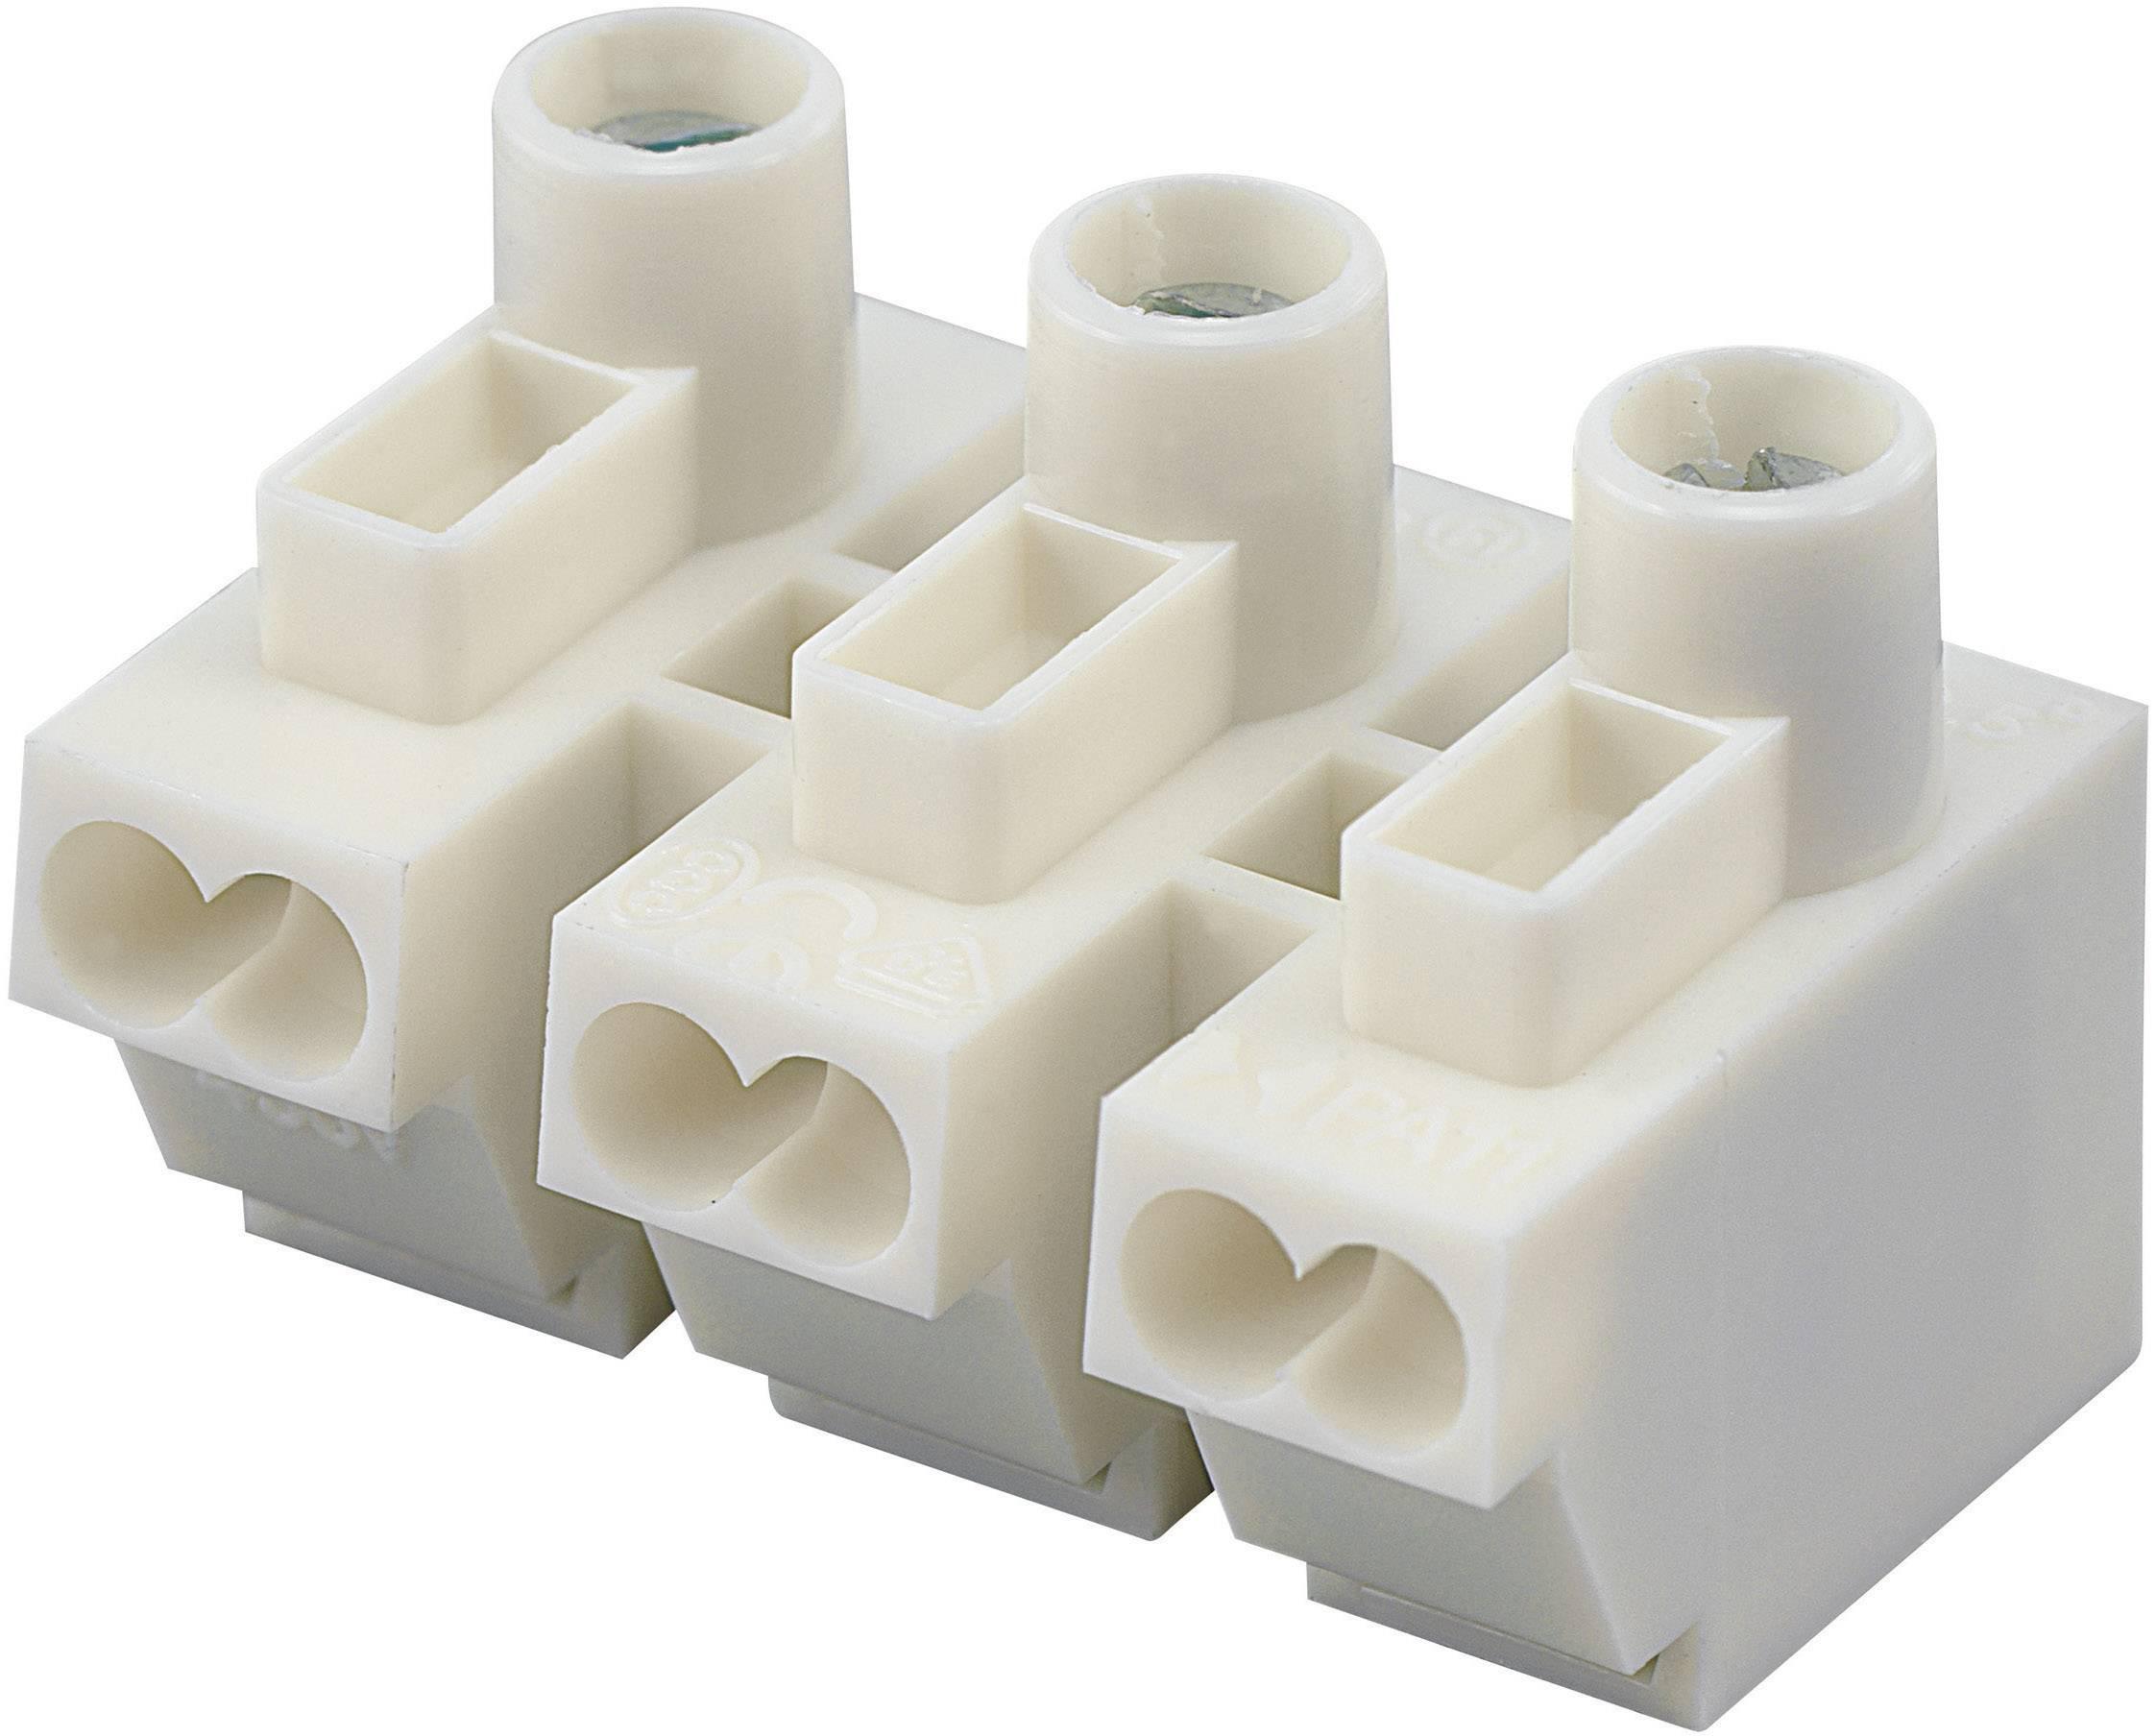 Prístrojová svorkovnica 731663 na kábel s rozmerom 0.5-1.5 mm², tuhosť 0.5-1.5 mm², počet pinov 3, 1 ks, biela